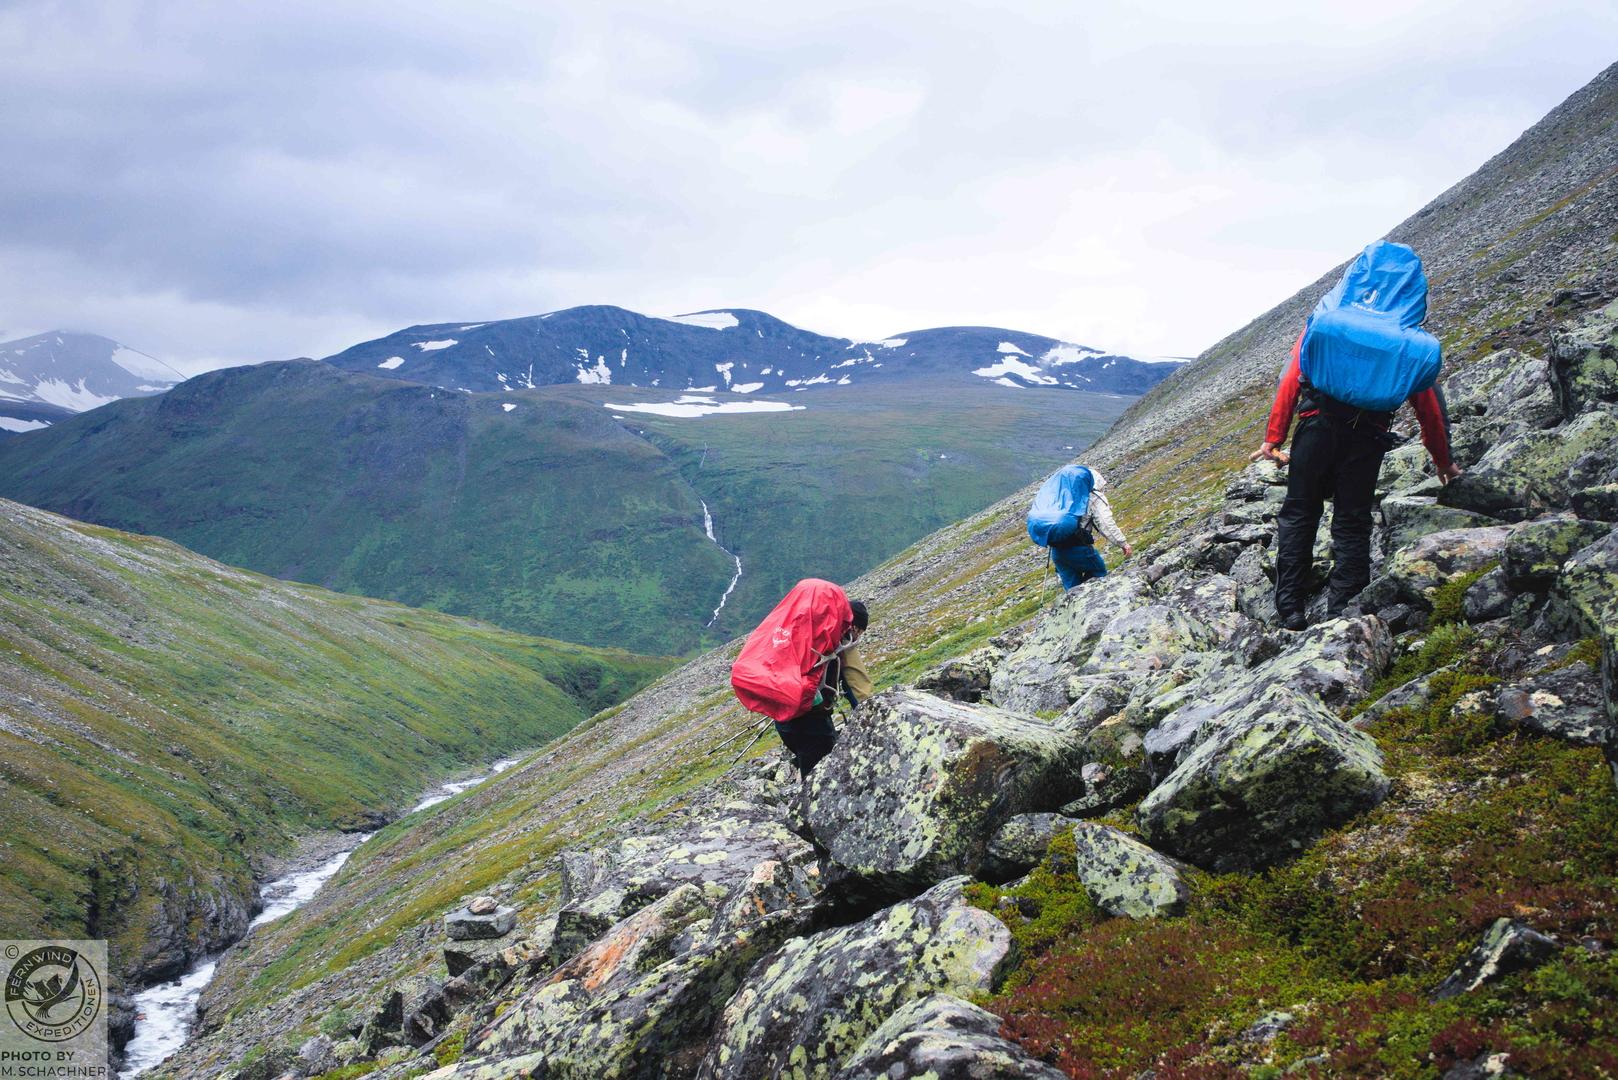 fernwind schweden sarek scouting trekking expedition